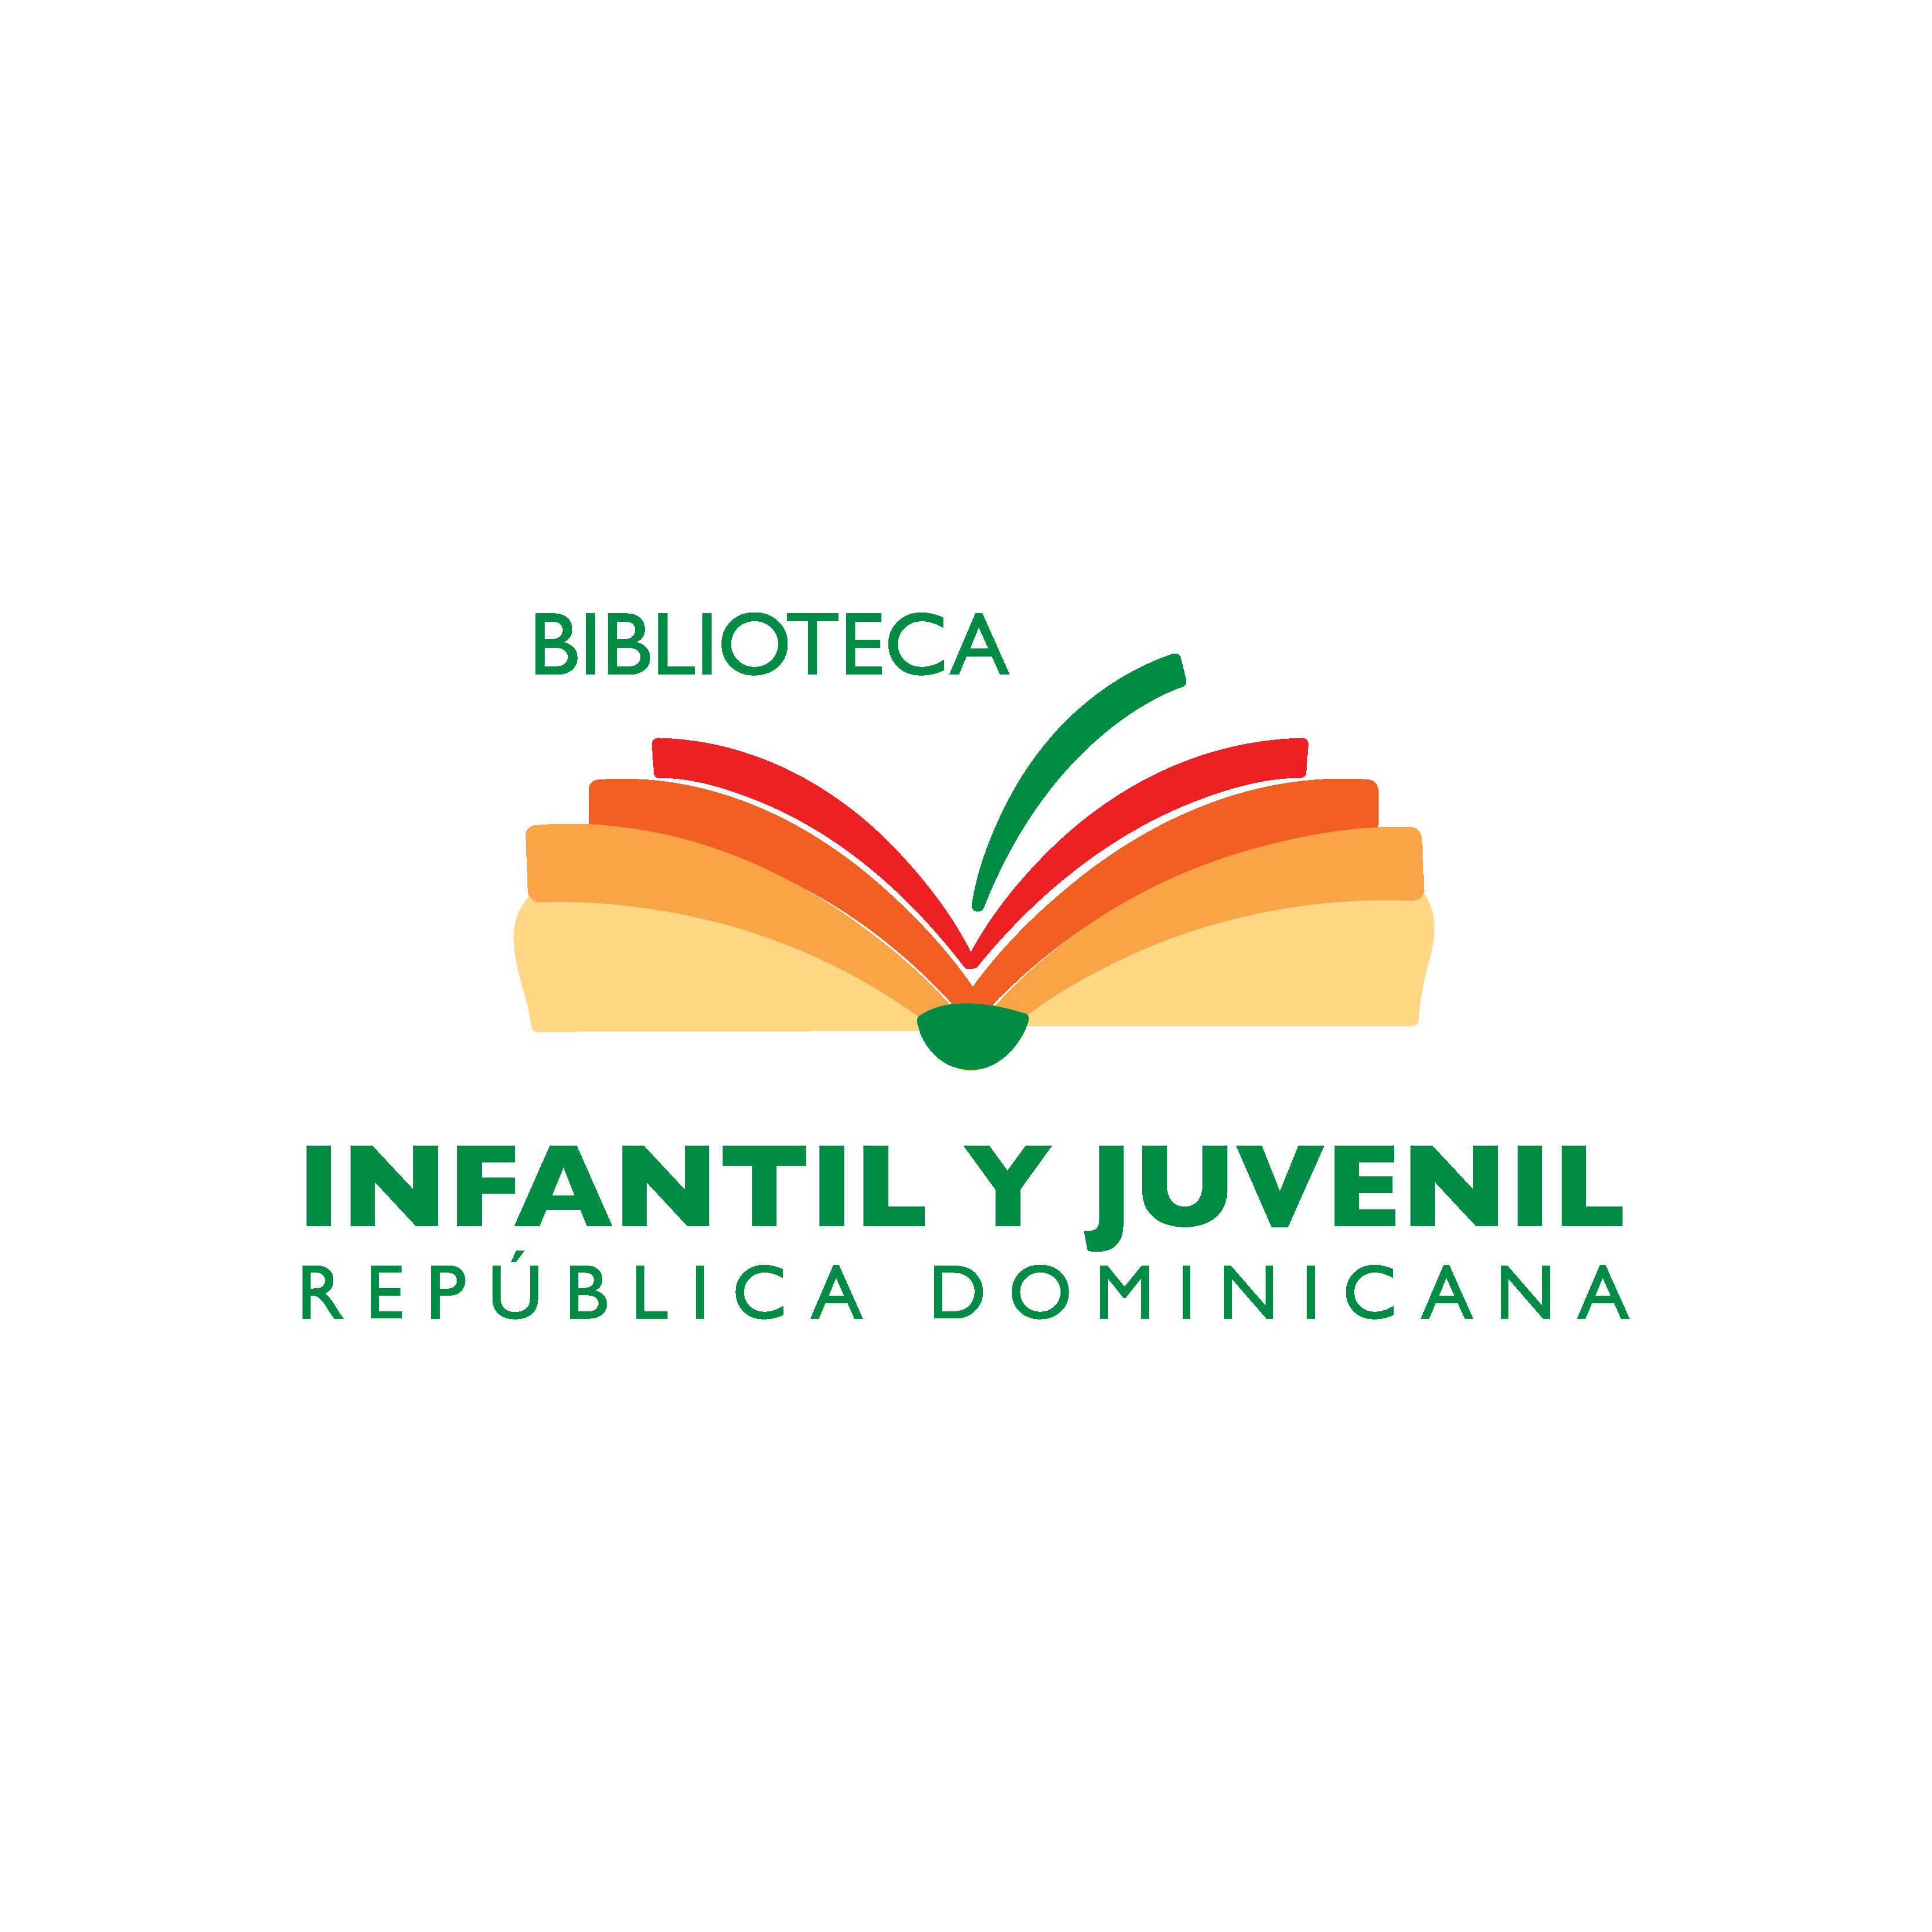 Logo de la biblioteca infantil y juvenil